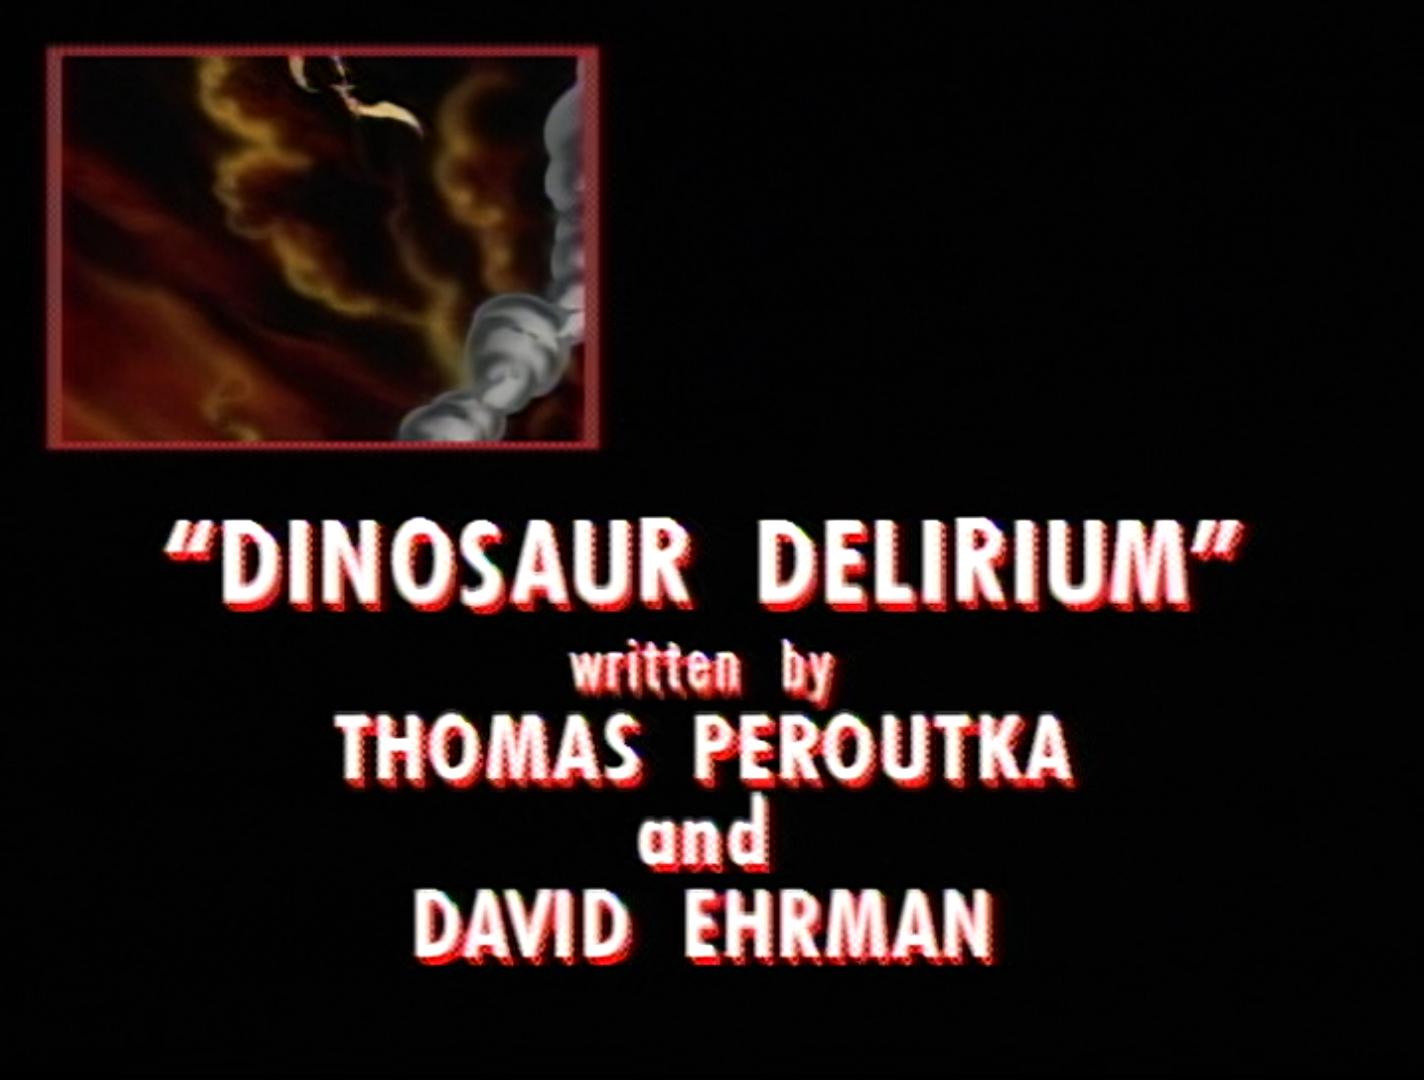 Dinosaur Delirium